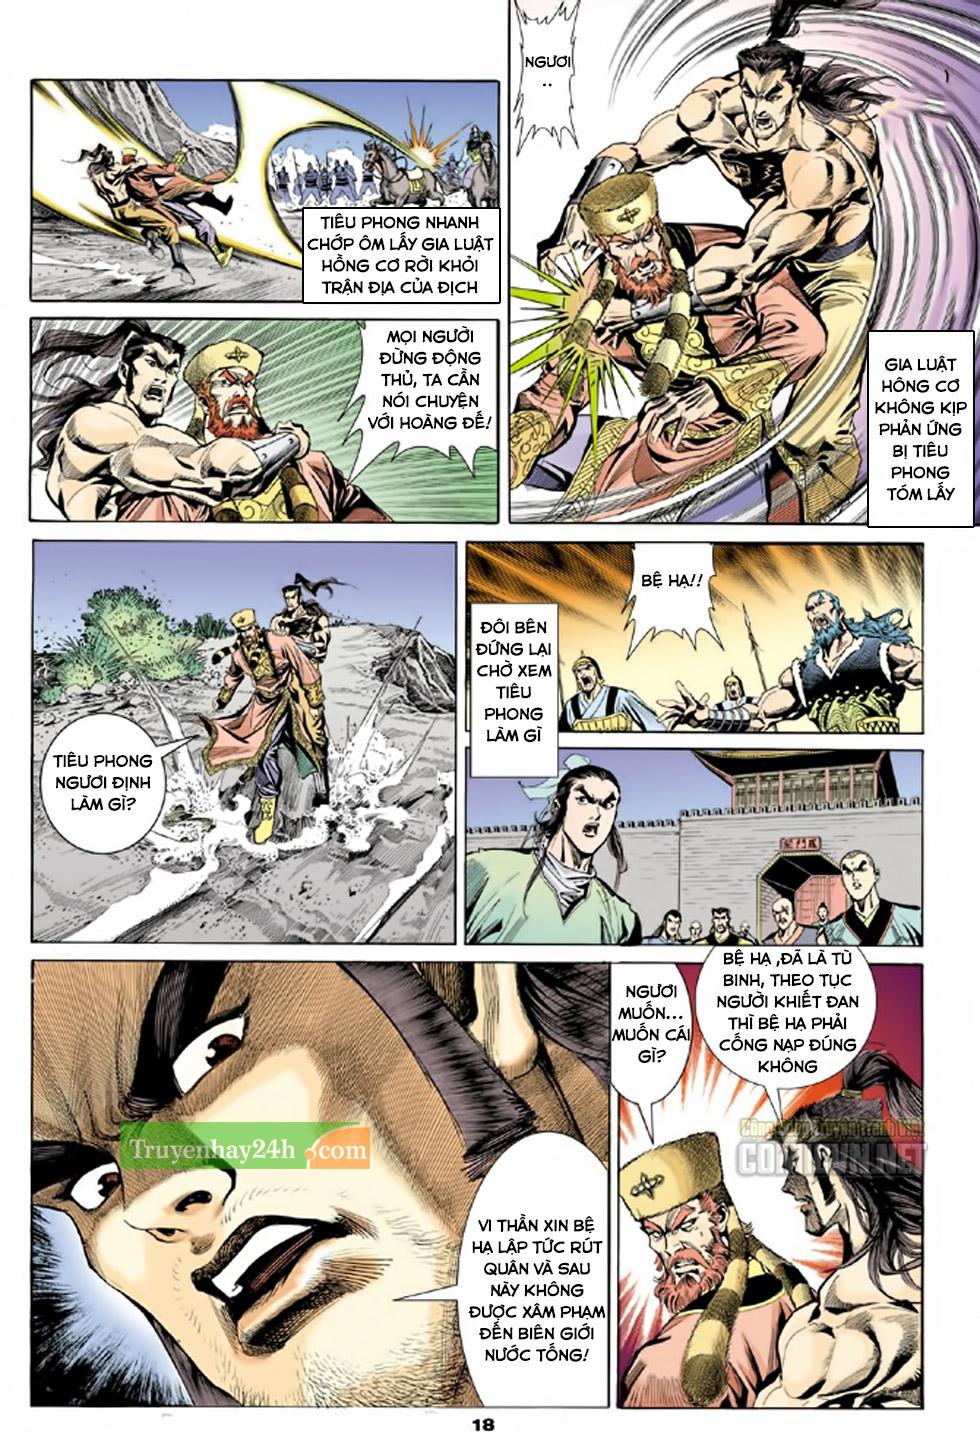 Thiên Long Bát Bộ chap 100 – End Trang 19 - Mangak.info